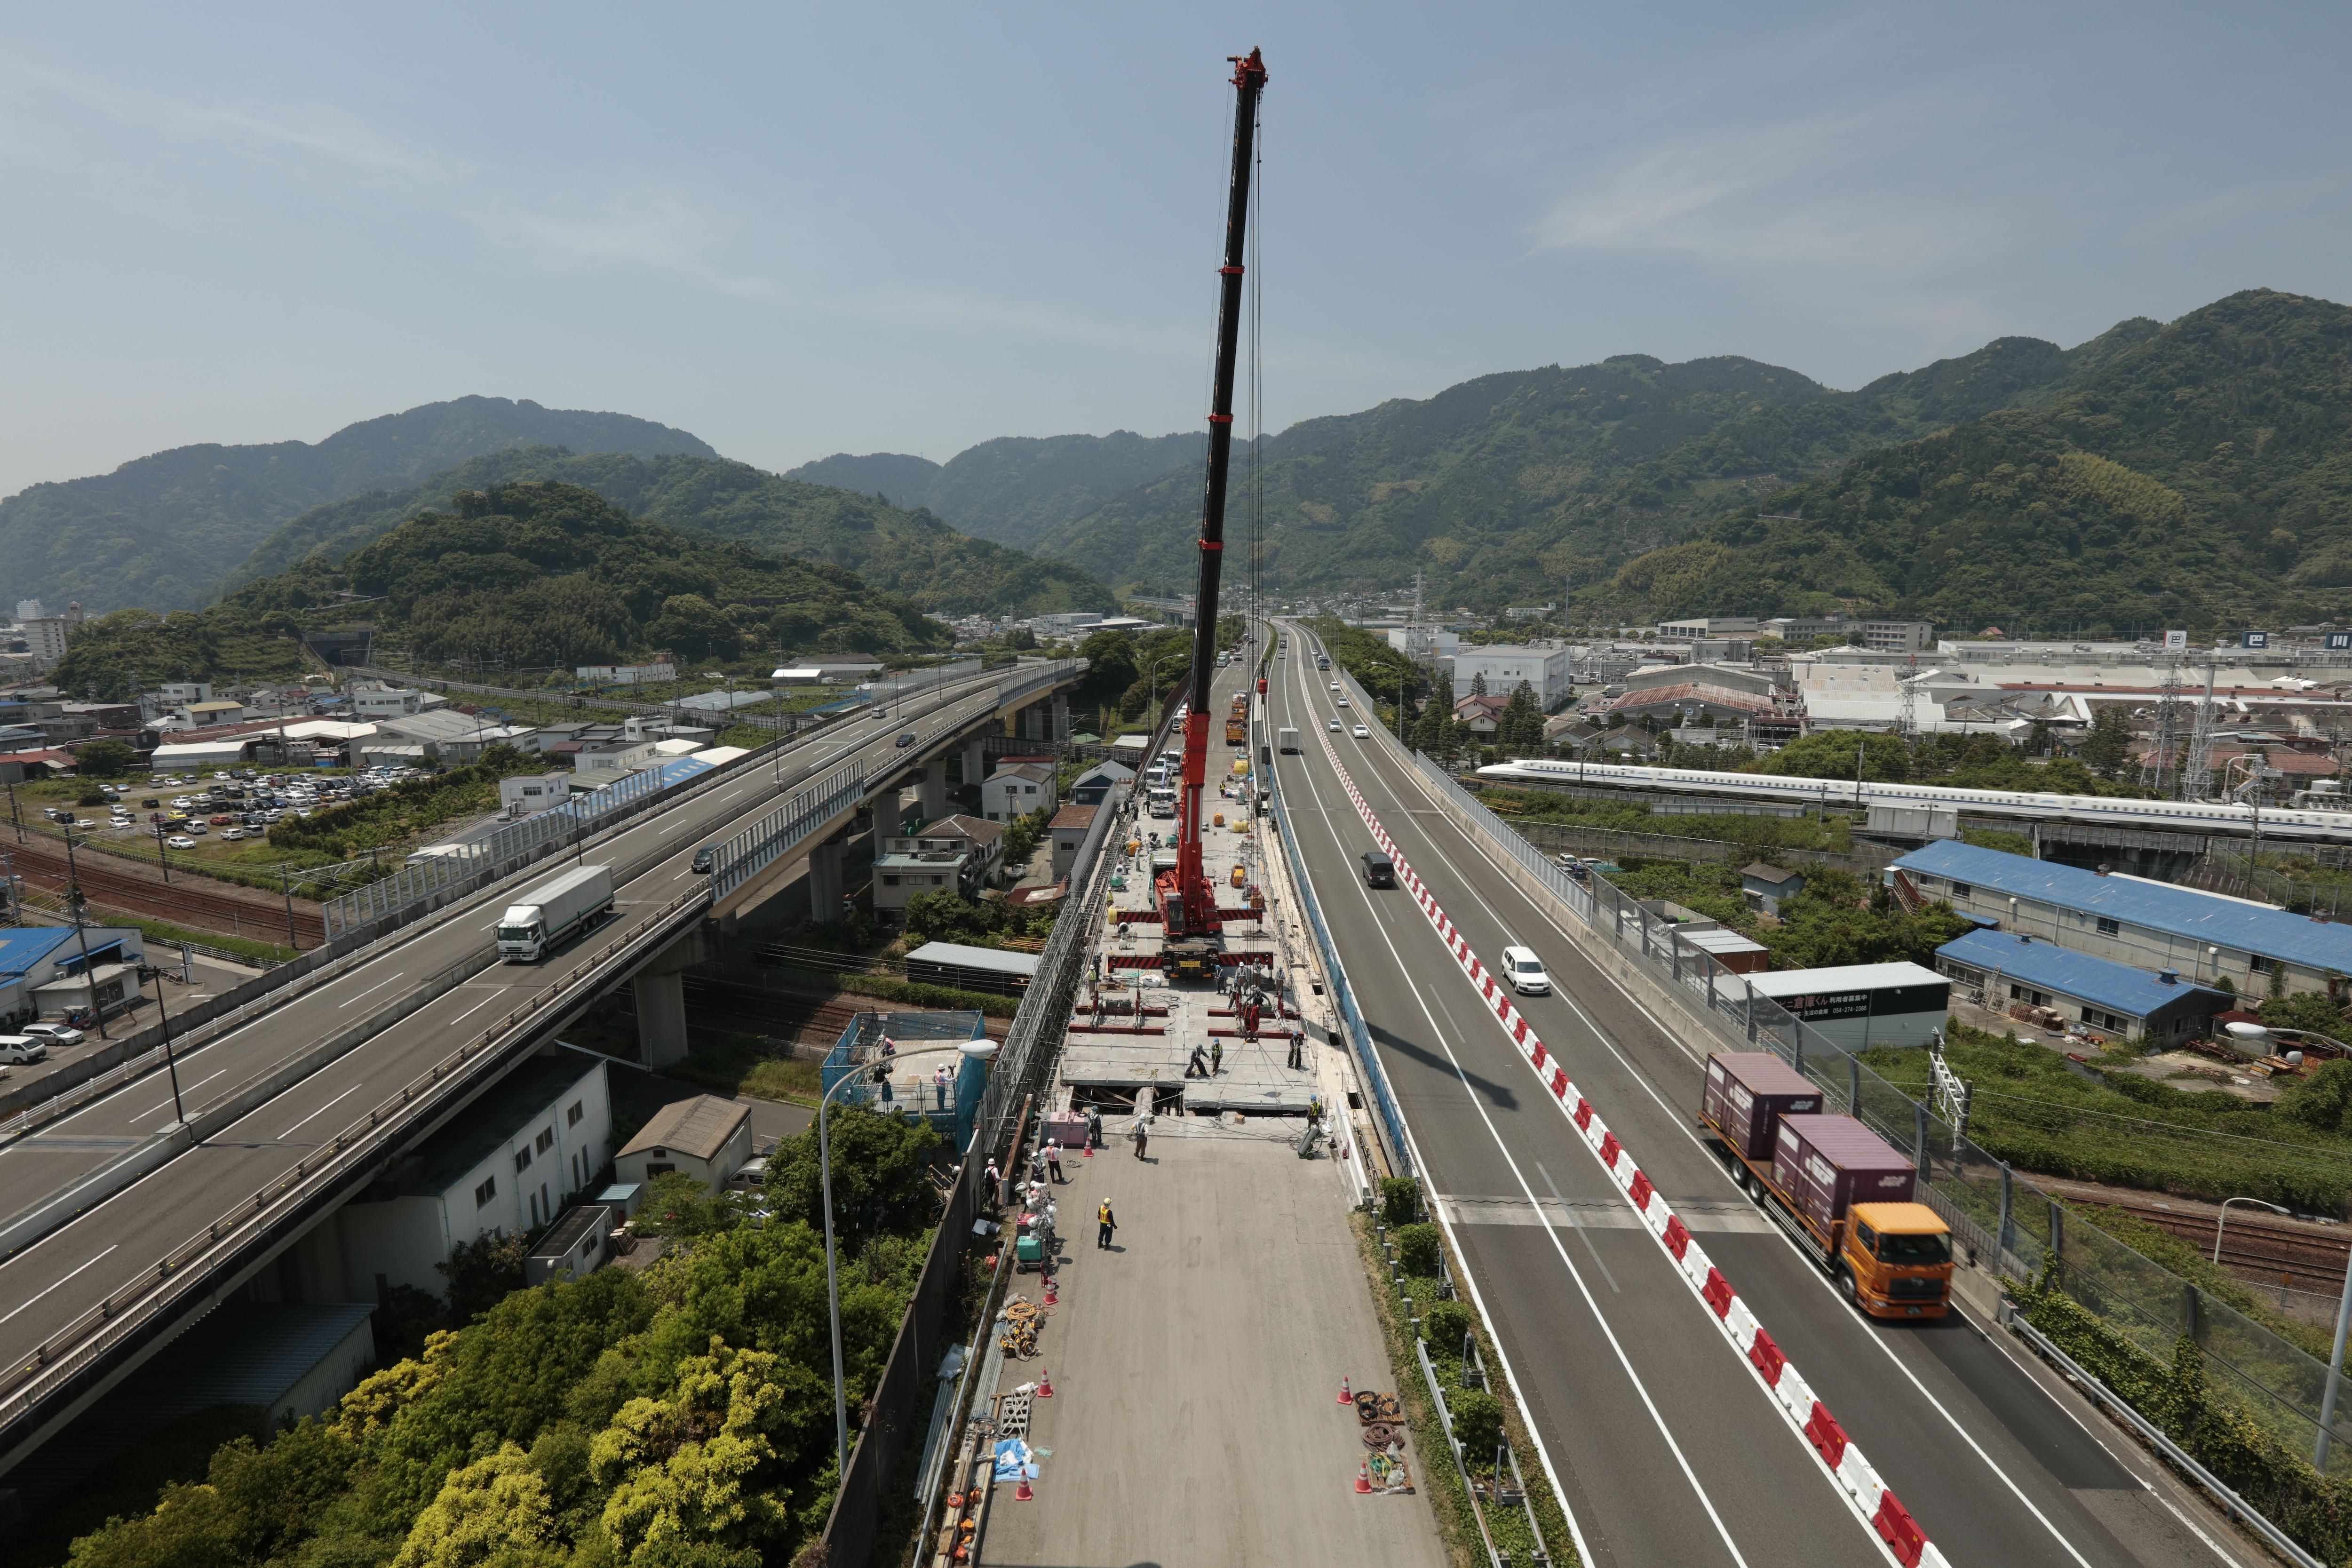 今、日本の高速道路はどういう状況なのか